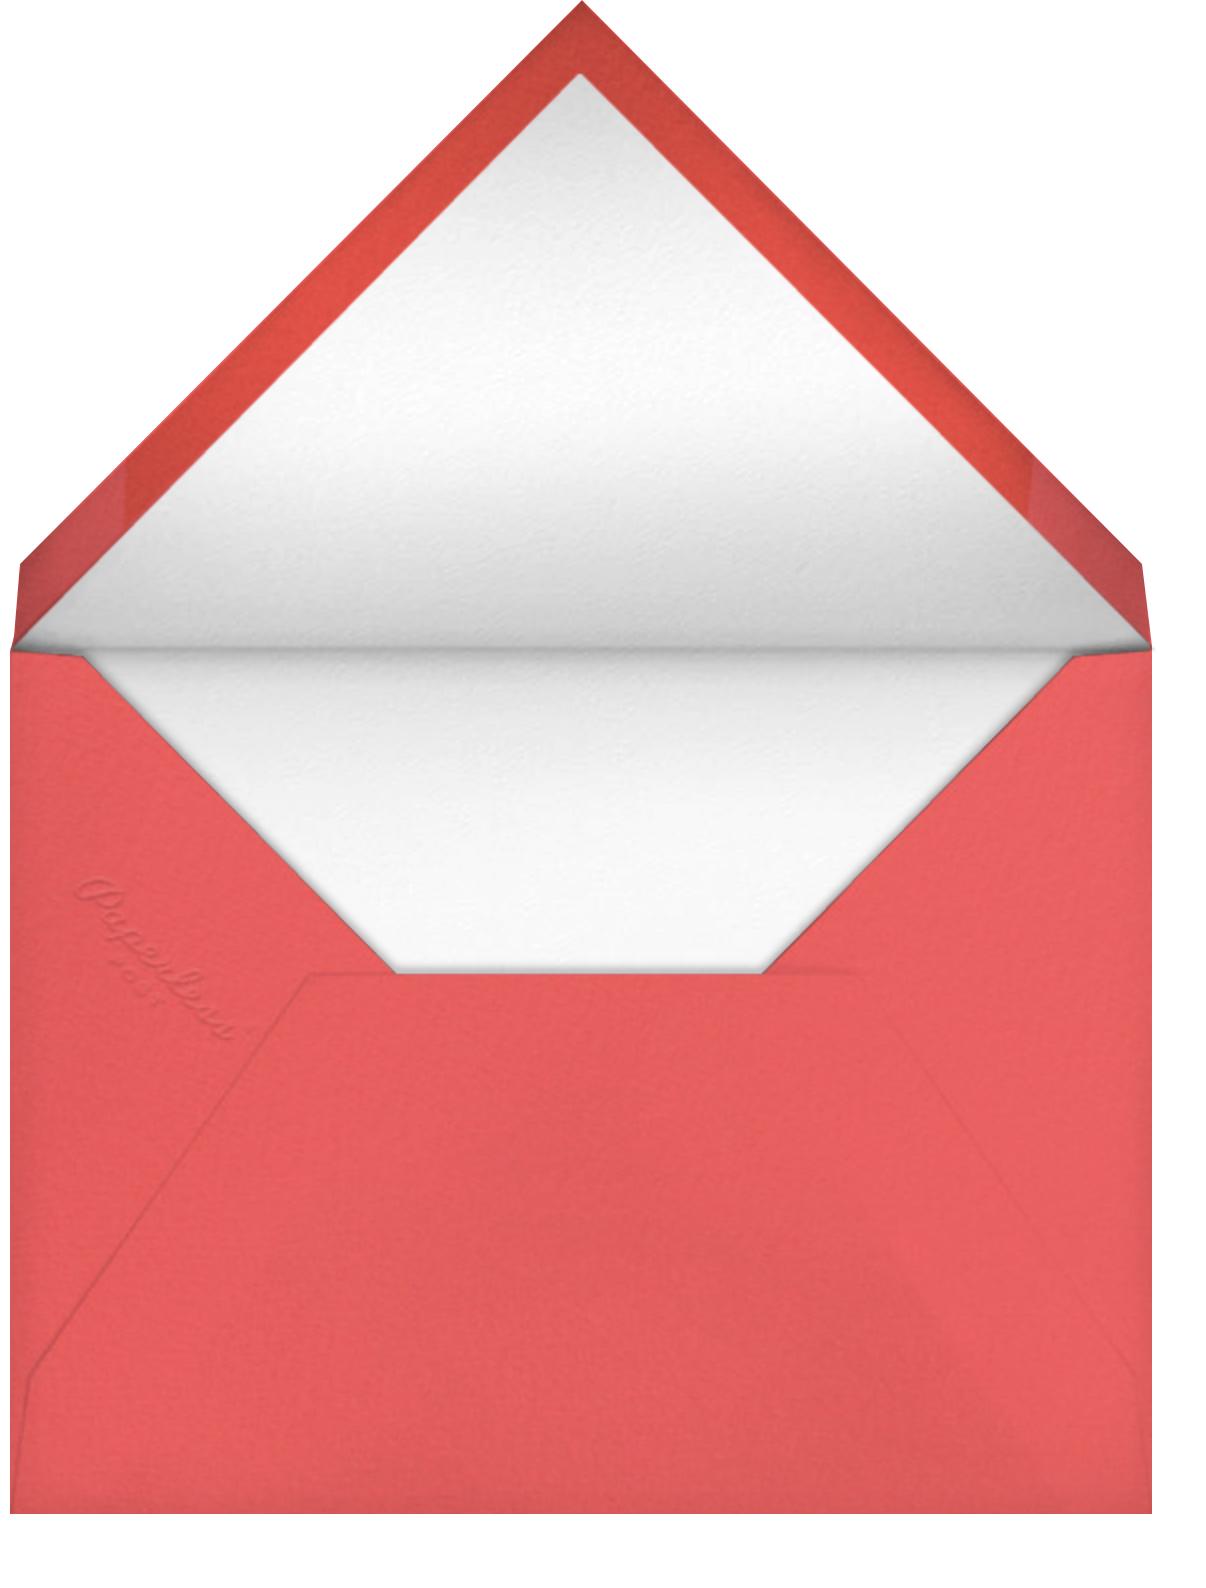 Elegantly - Crate & Barrel - Envelope